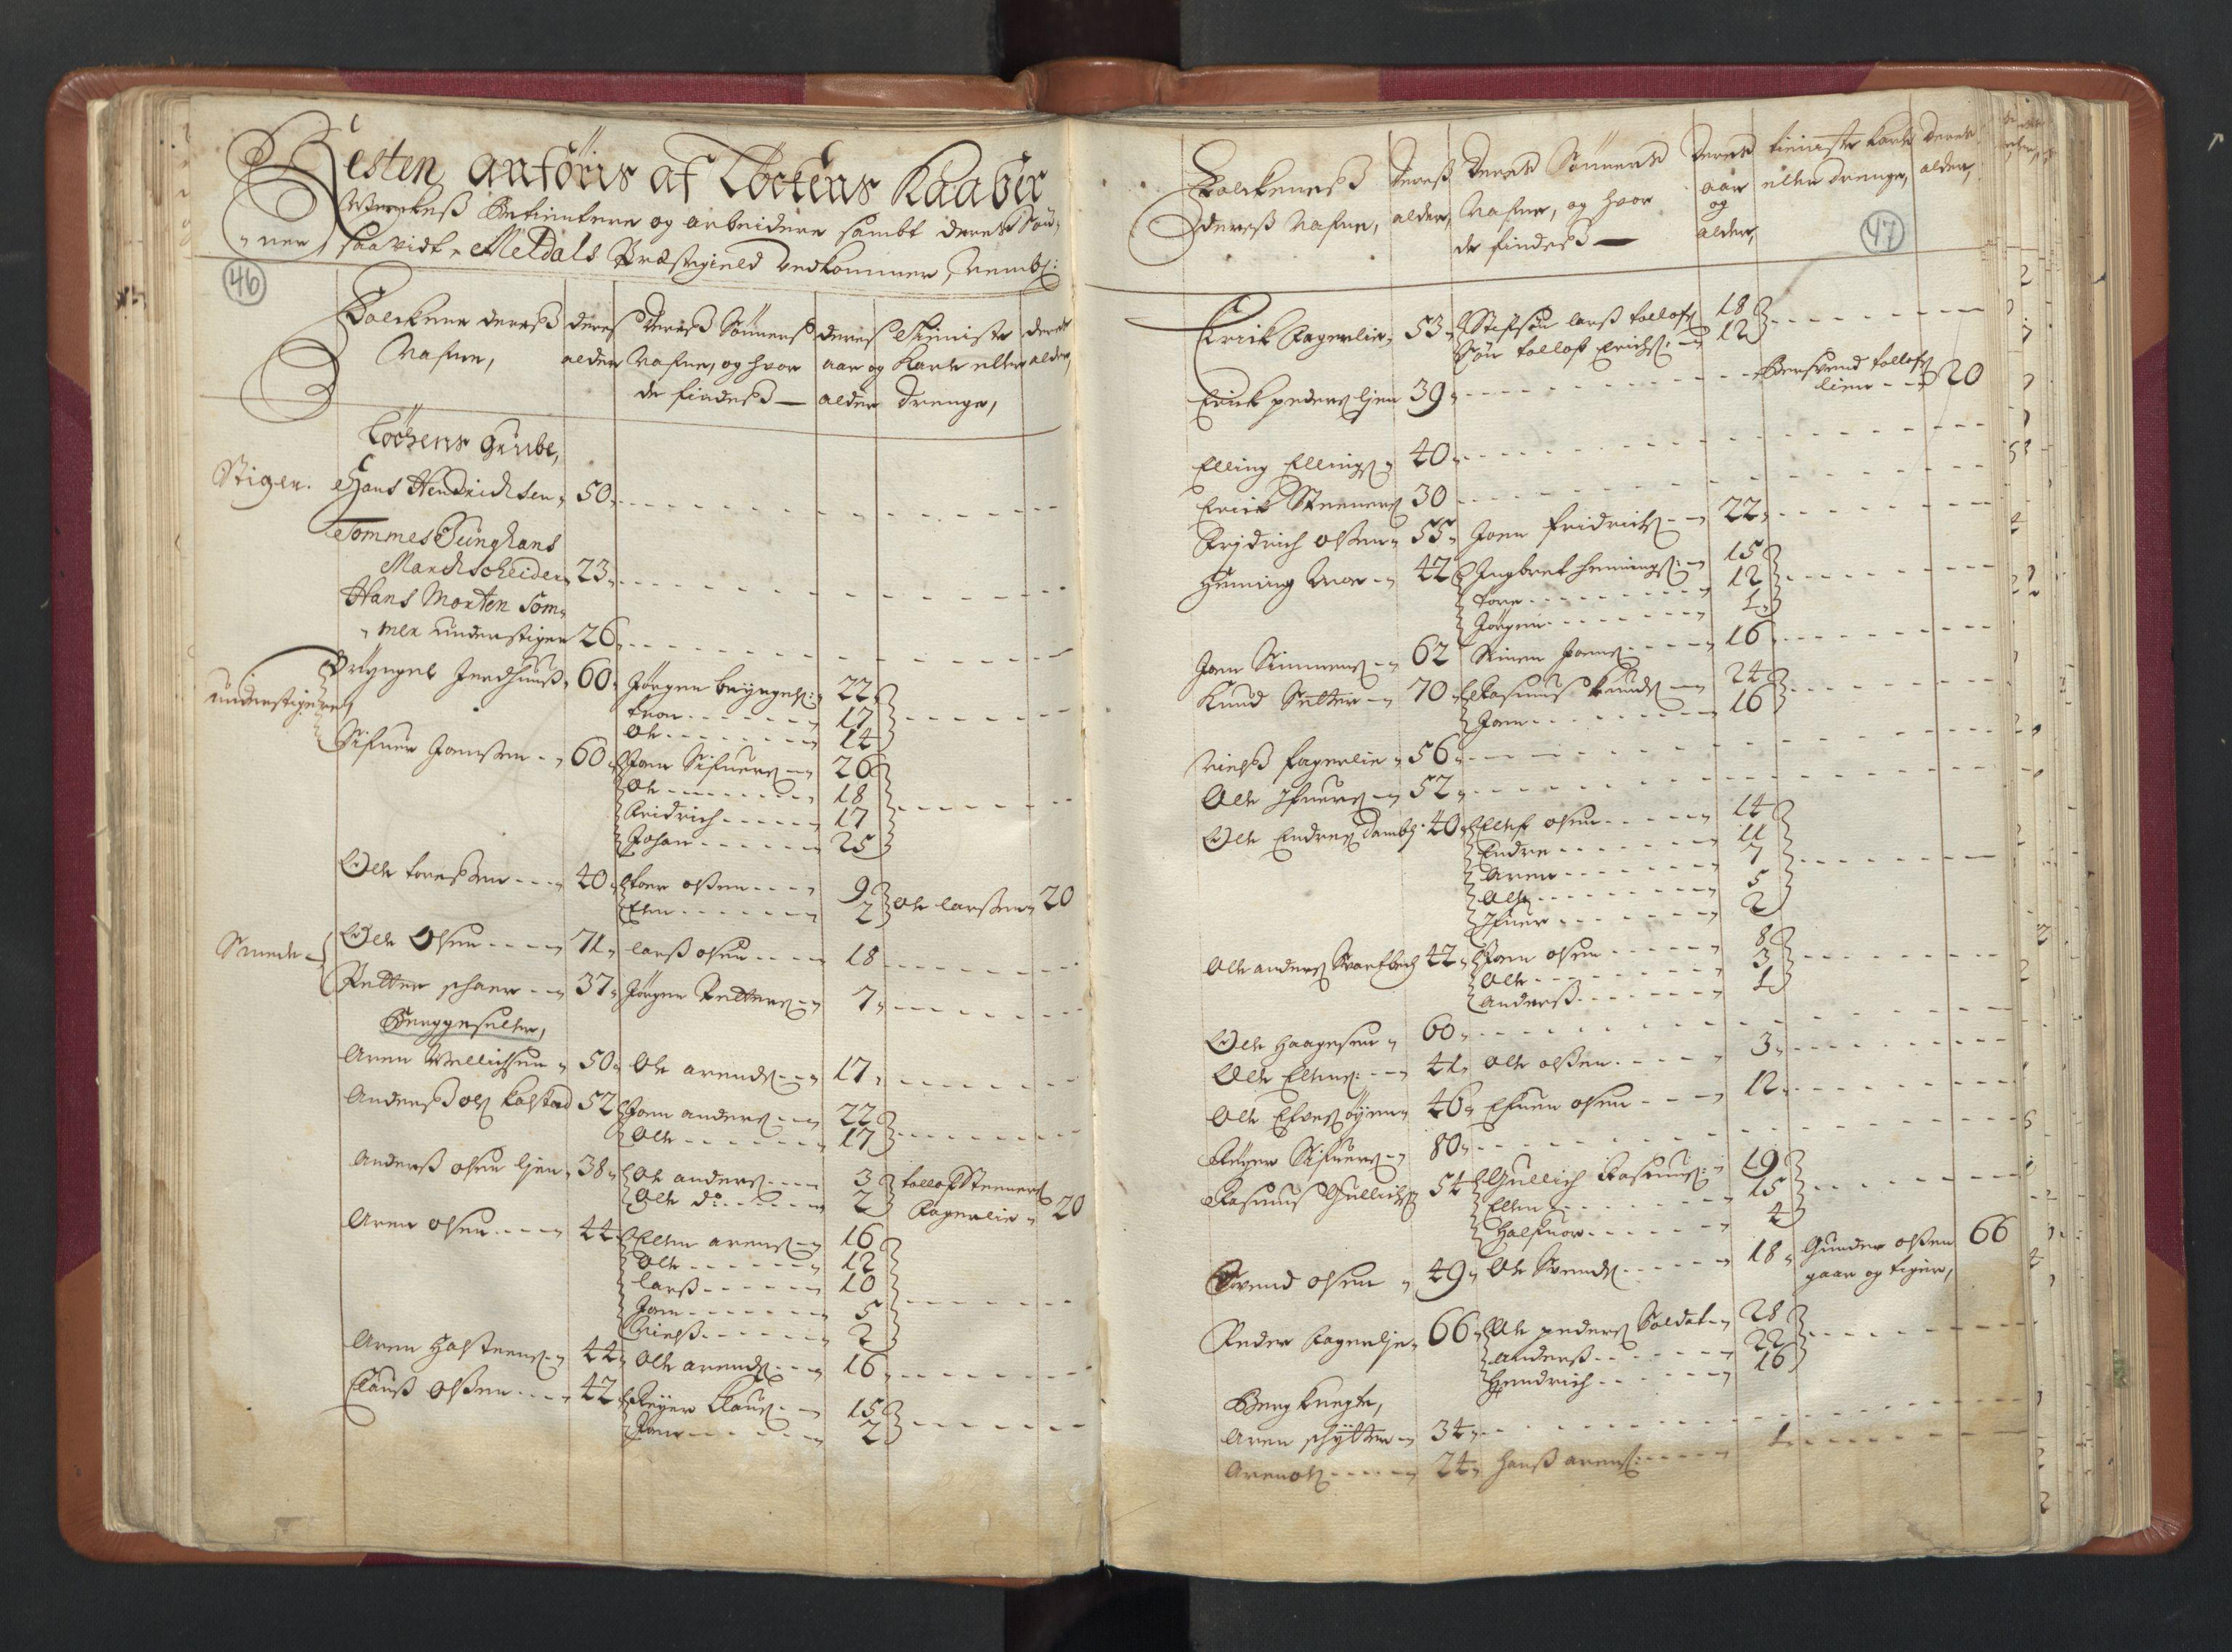 RA, Manntallet 1701, nr. 13: Orkdal fogderi og Gauldal fogderi med Røros kobberverk, 1701, s. 46-47